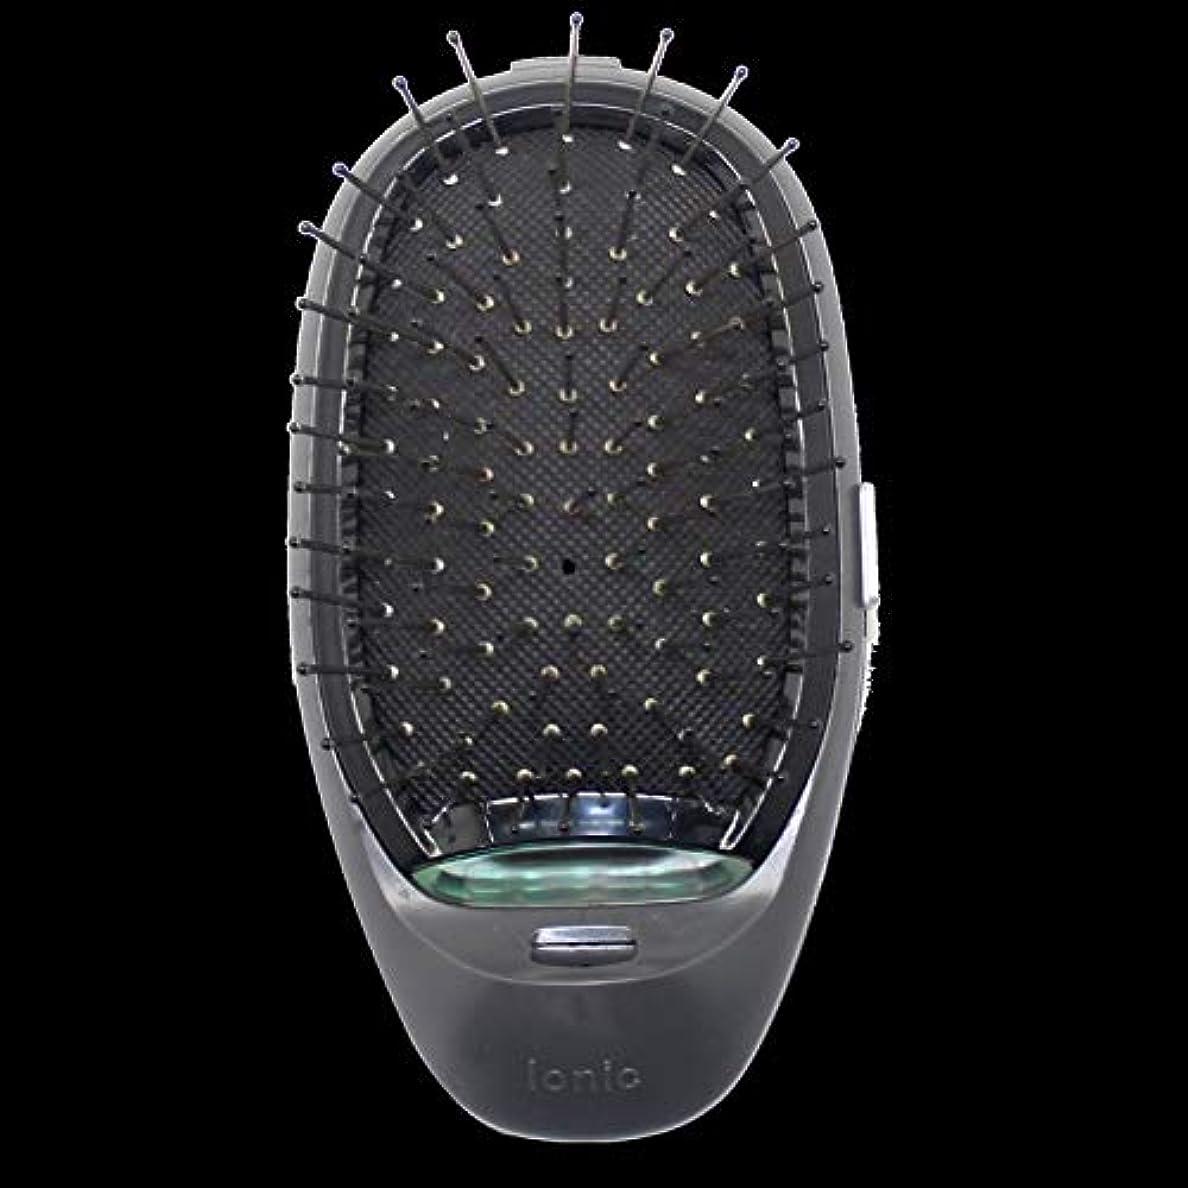 大理石深く芝生電動マッサージヘアブラシミニマイナスイオンヘアコム3Dインフレータブルコーム帯電防止ガールズヘアブラシ電池式 - ブラック